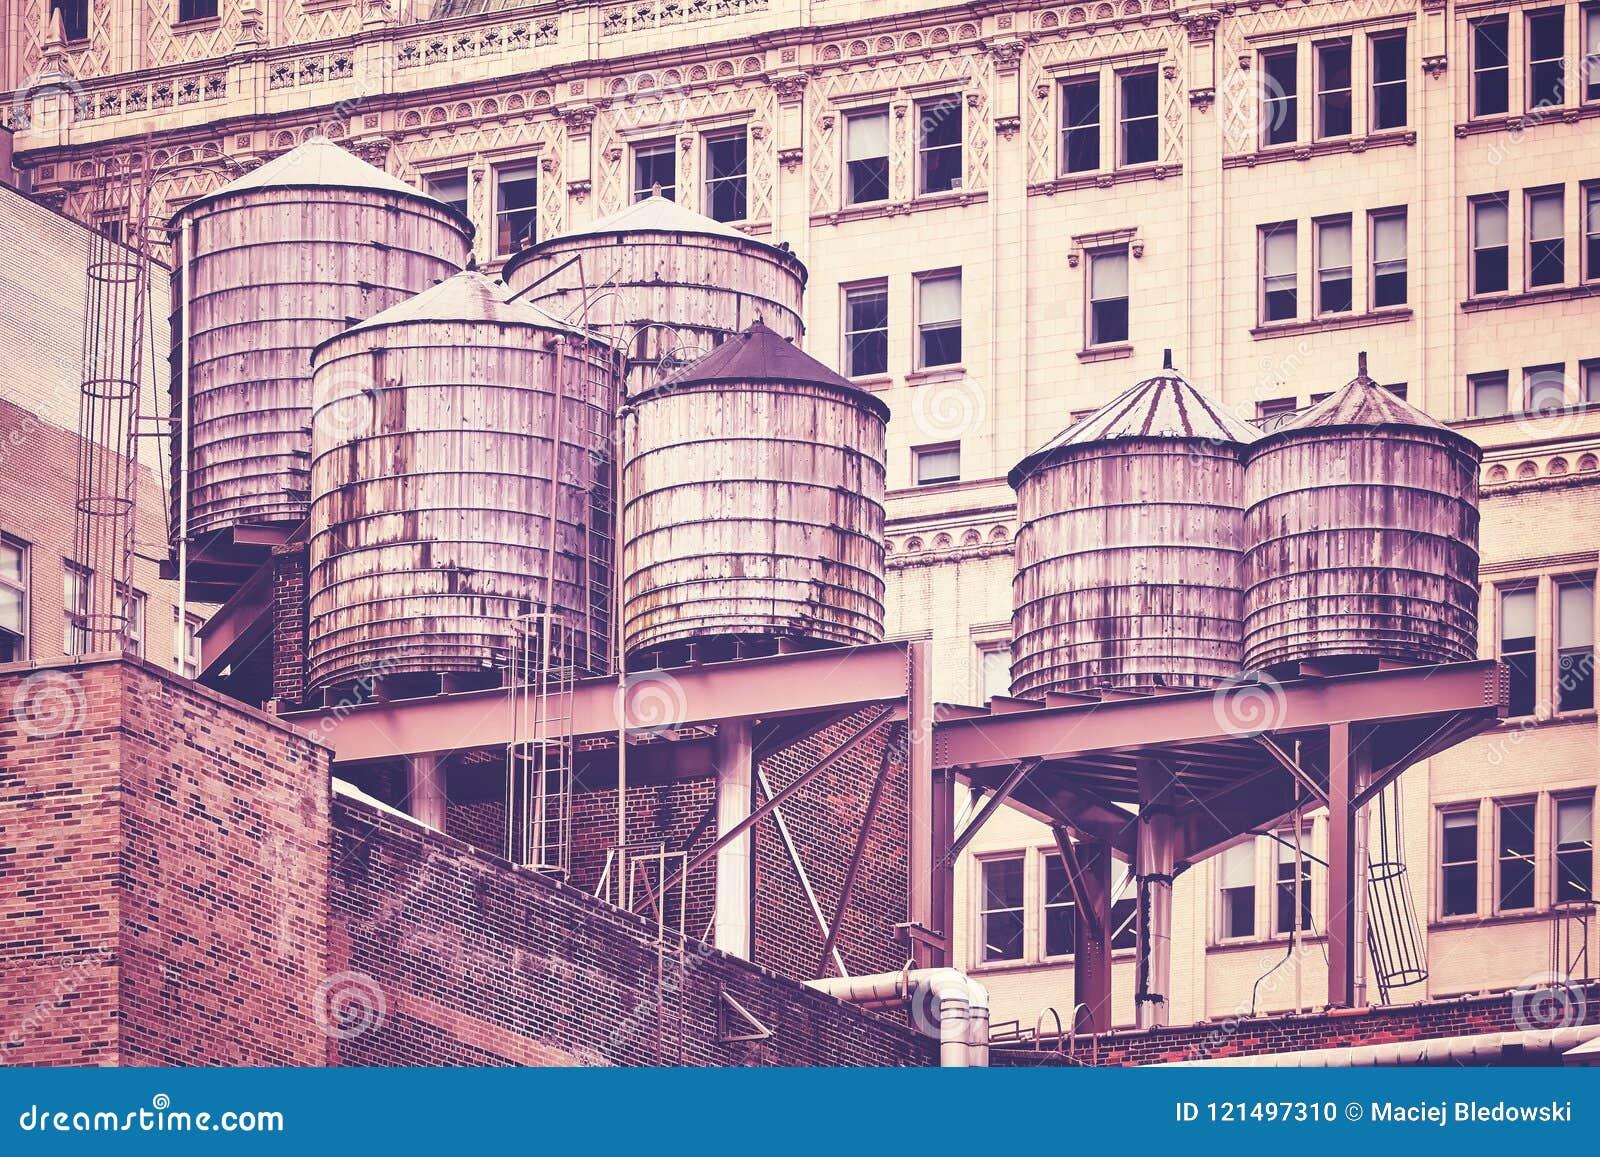 Zbiorniki wodni na dachu, Miasto Nowy Jork